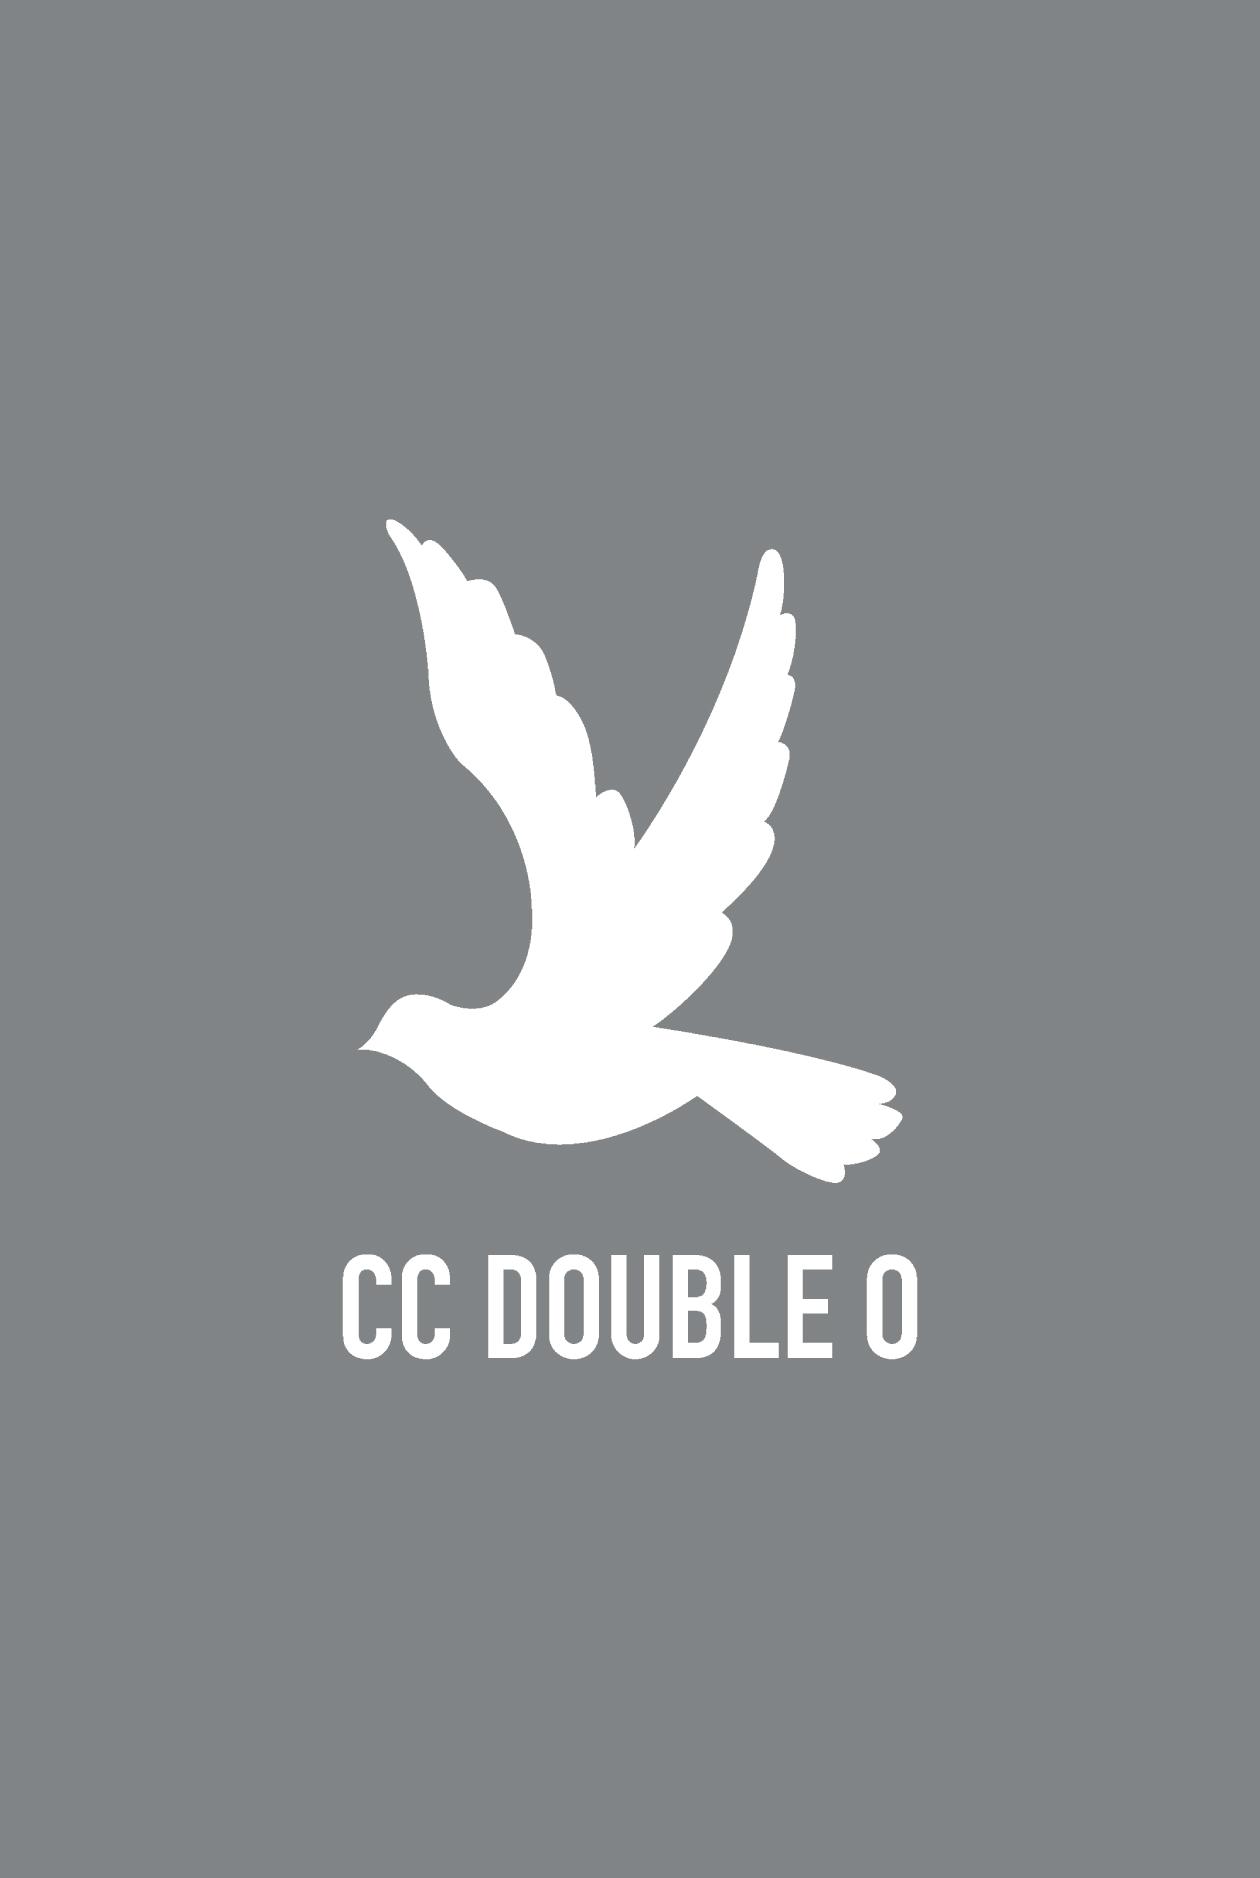 All-Over CC DOUBLE O Logo Flip Flops